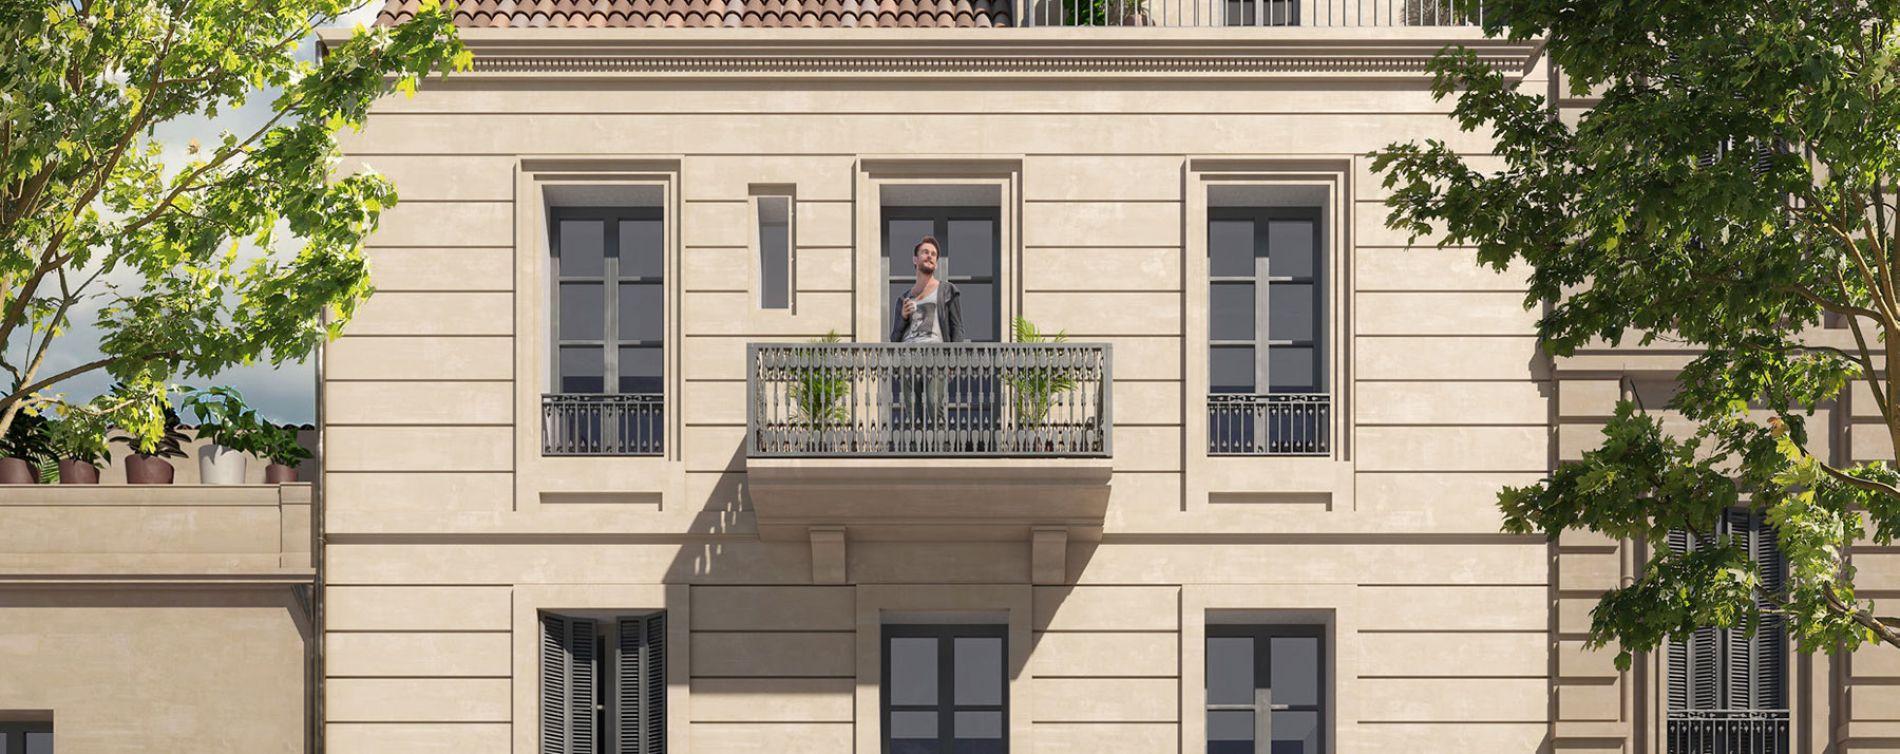 Nîmes : programme immobilier à rénover « Place Duguesclin » en Déficit Foncier (2)